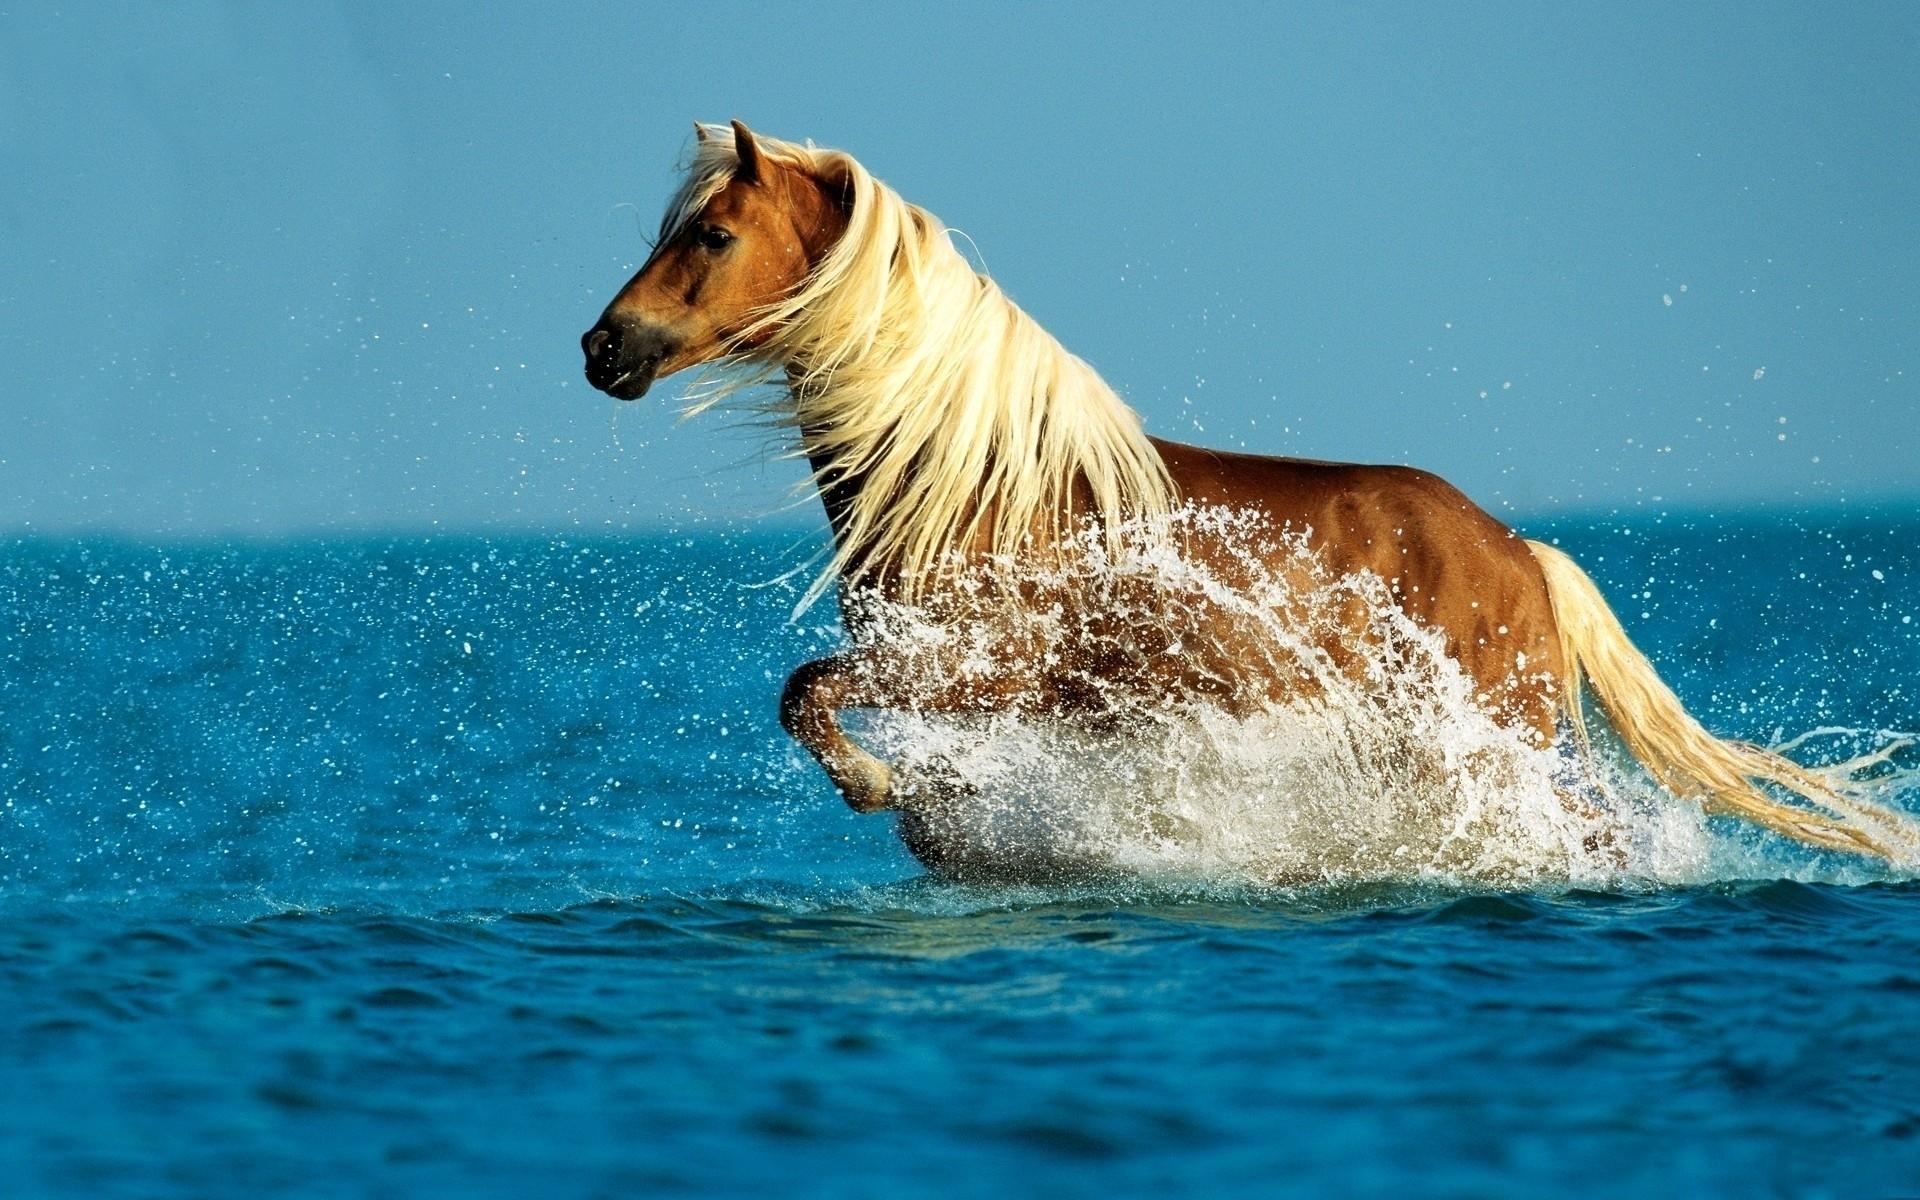 Лошади умеют плавать? каким образом плавают кони?